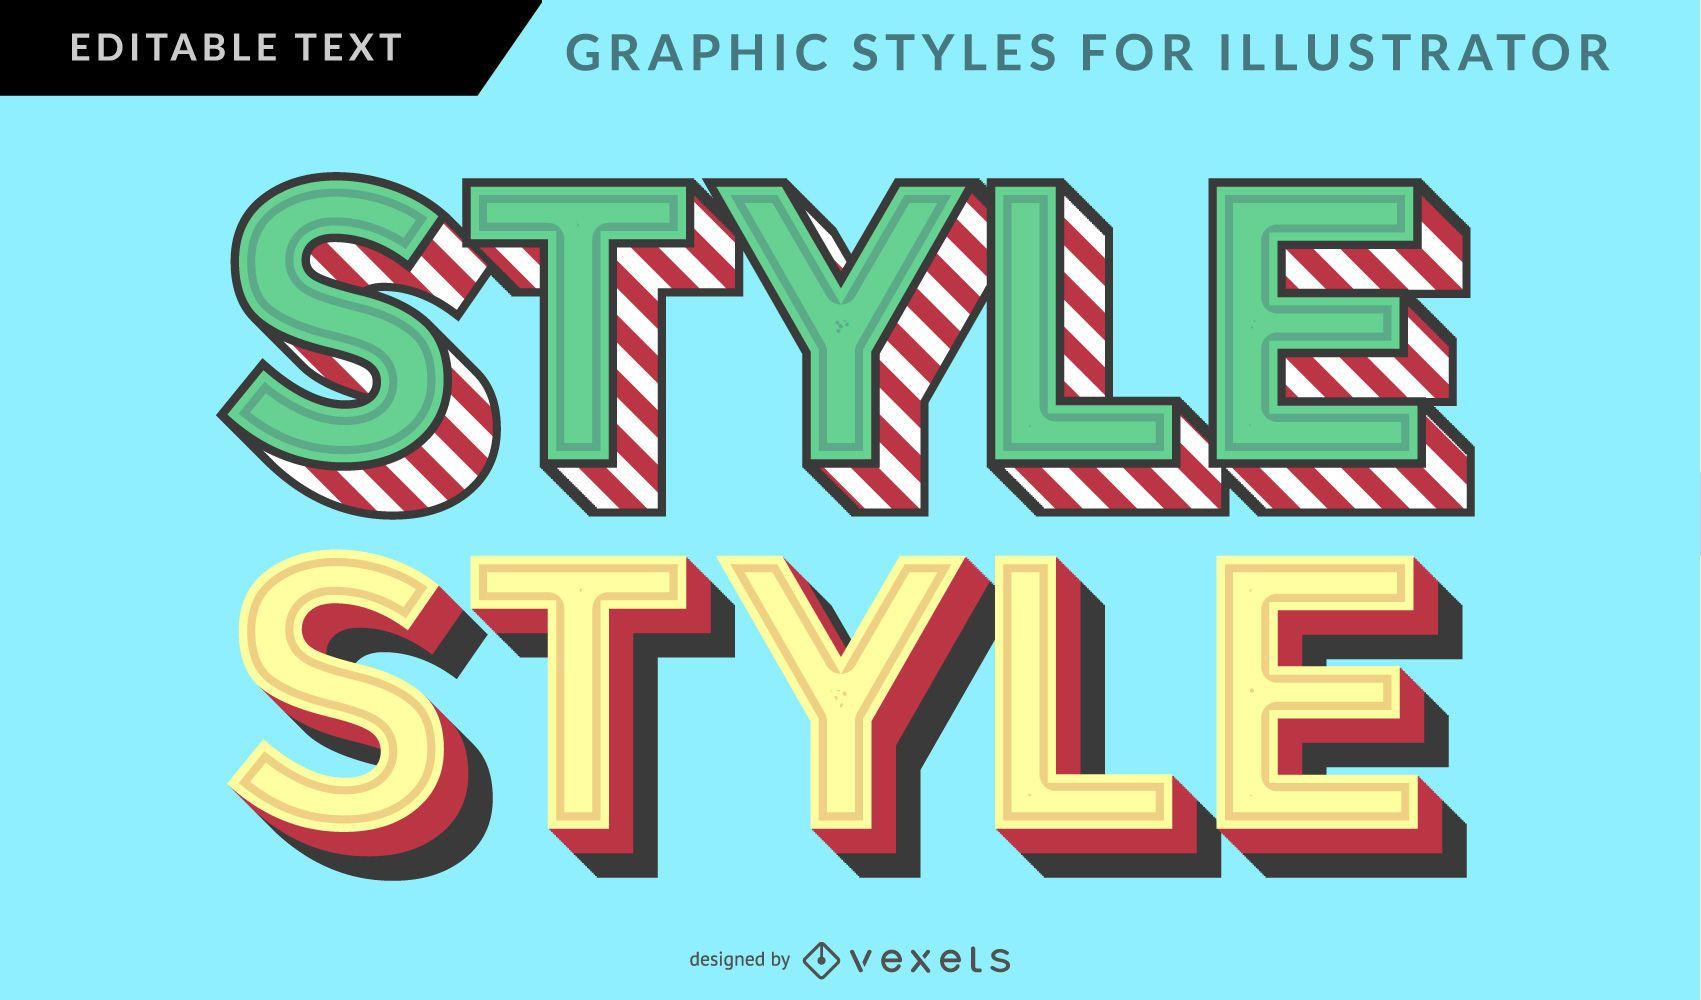 Estilo gráfico vintage multicolor